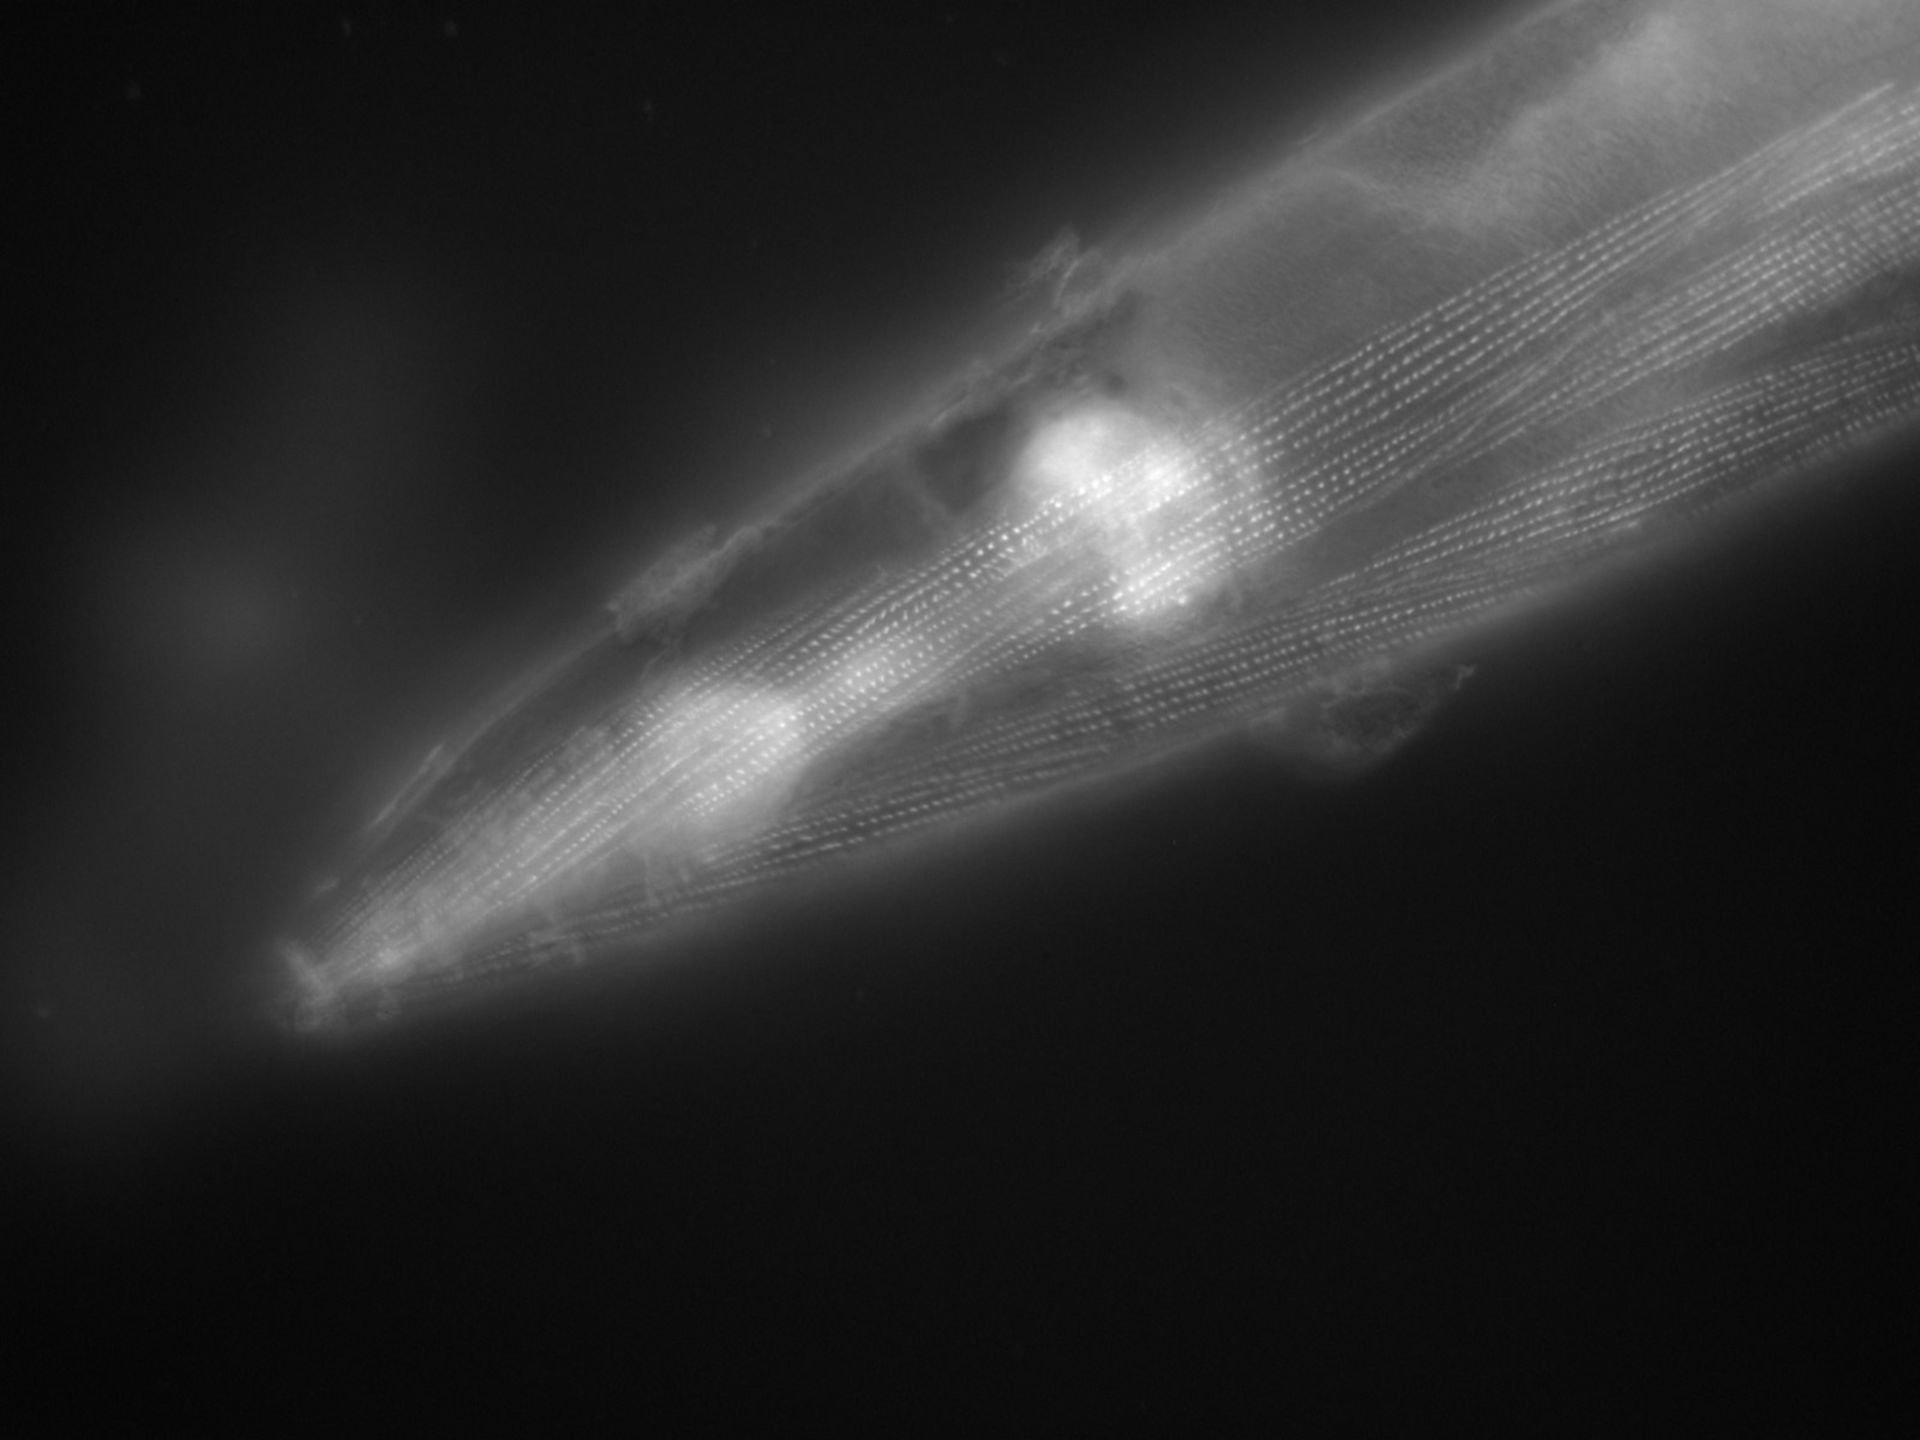 Caenorhabditis elegans (filamento di actina) - CIL:1135